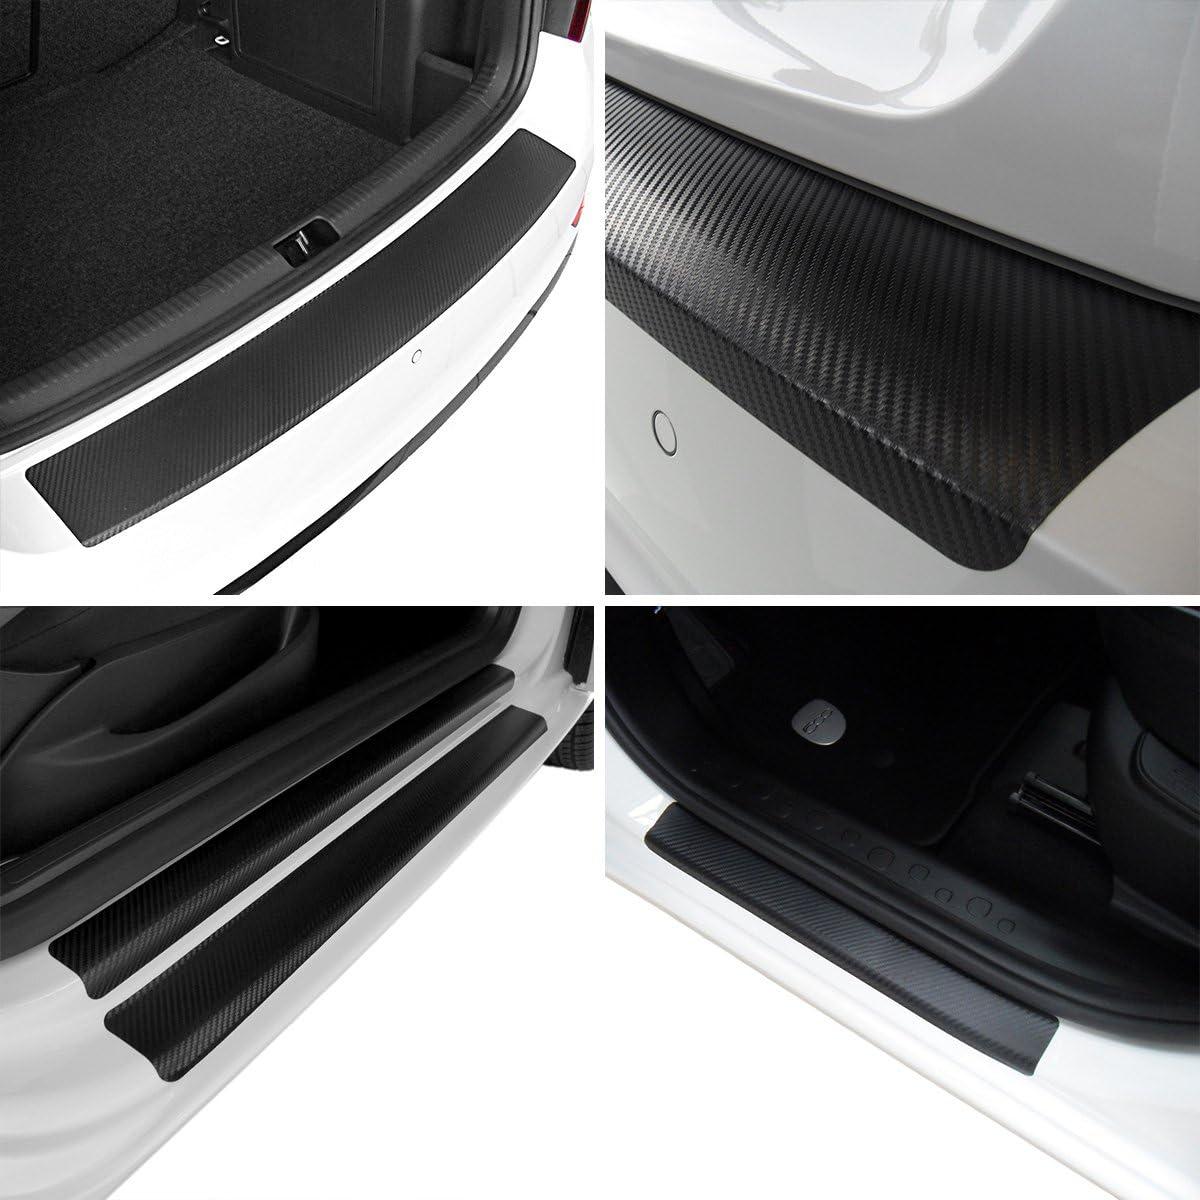 Tuneon Carbon Folienset Für Ladekanten Einstiegsleisten Für Citigo 3 Türer Auto